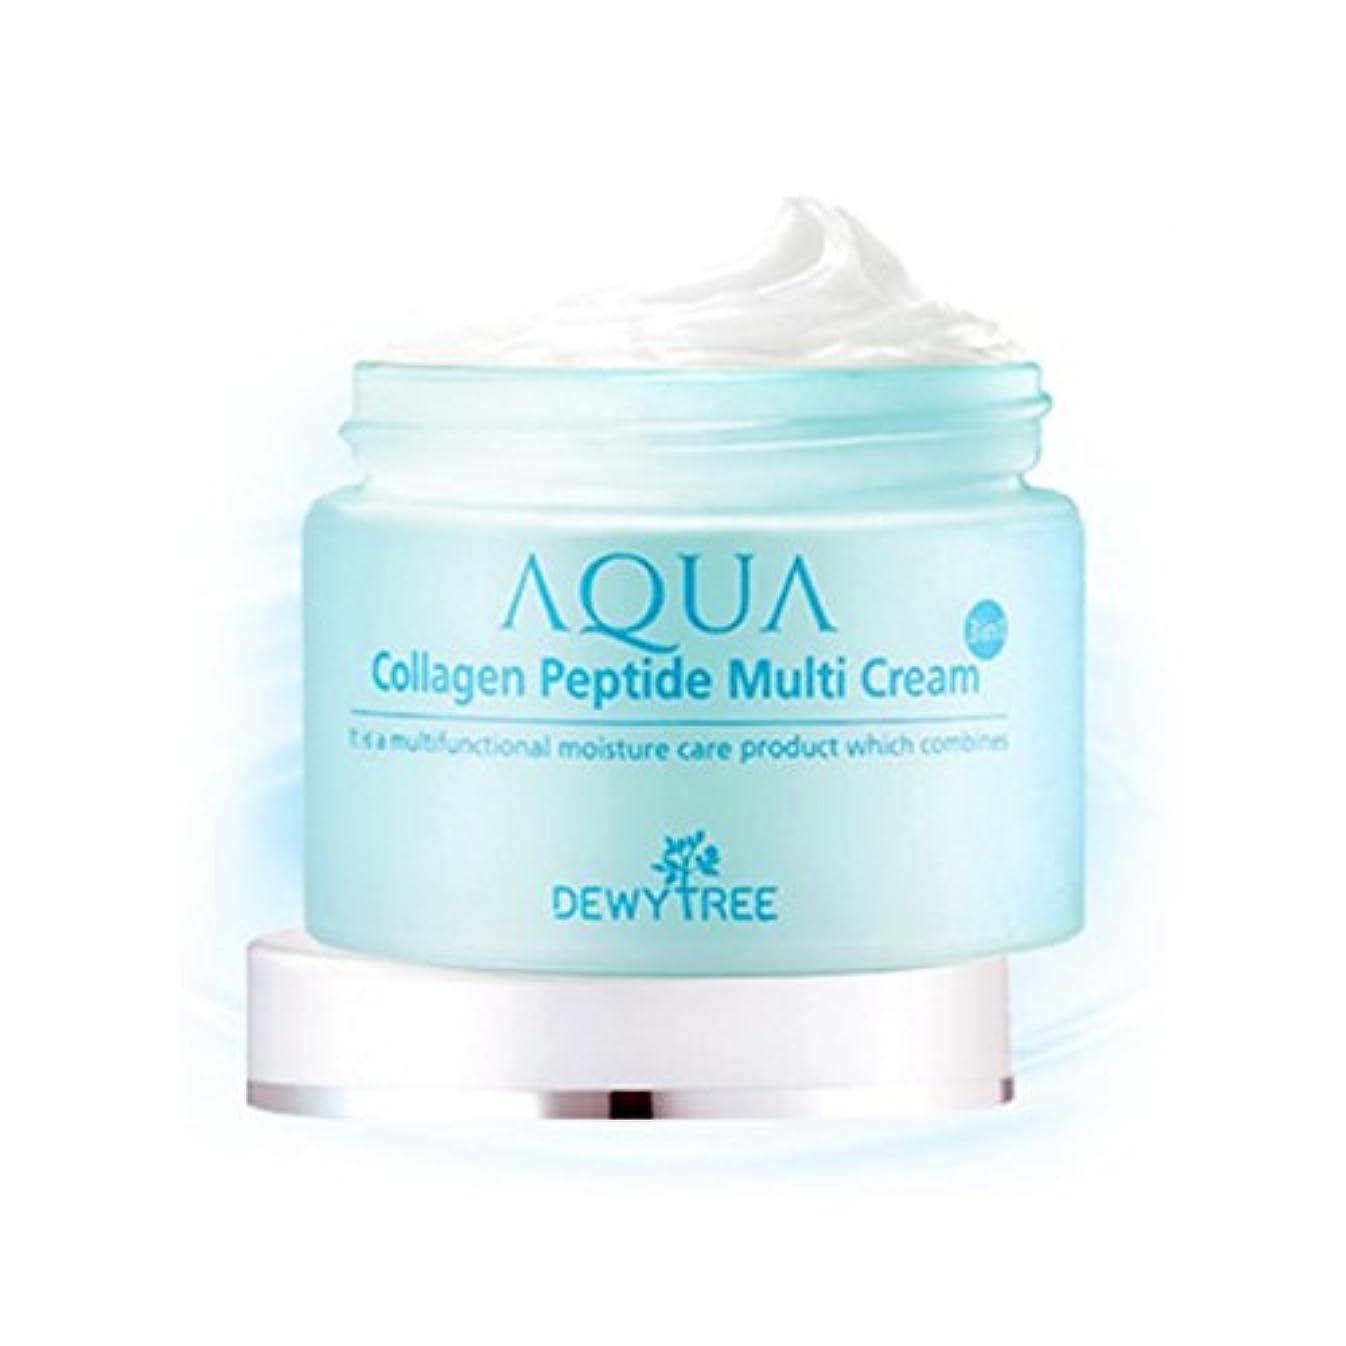 と組むシャーロックホームズ件名[Dewytree] デュイトゥリー アクアコラーゲン ペプチド マルチクリーム Aqua Collagen Peptide Multi Cream (50ml) / [並行輸入品]